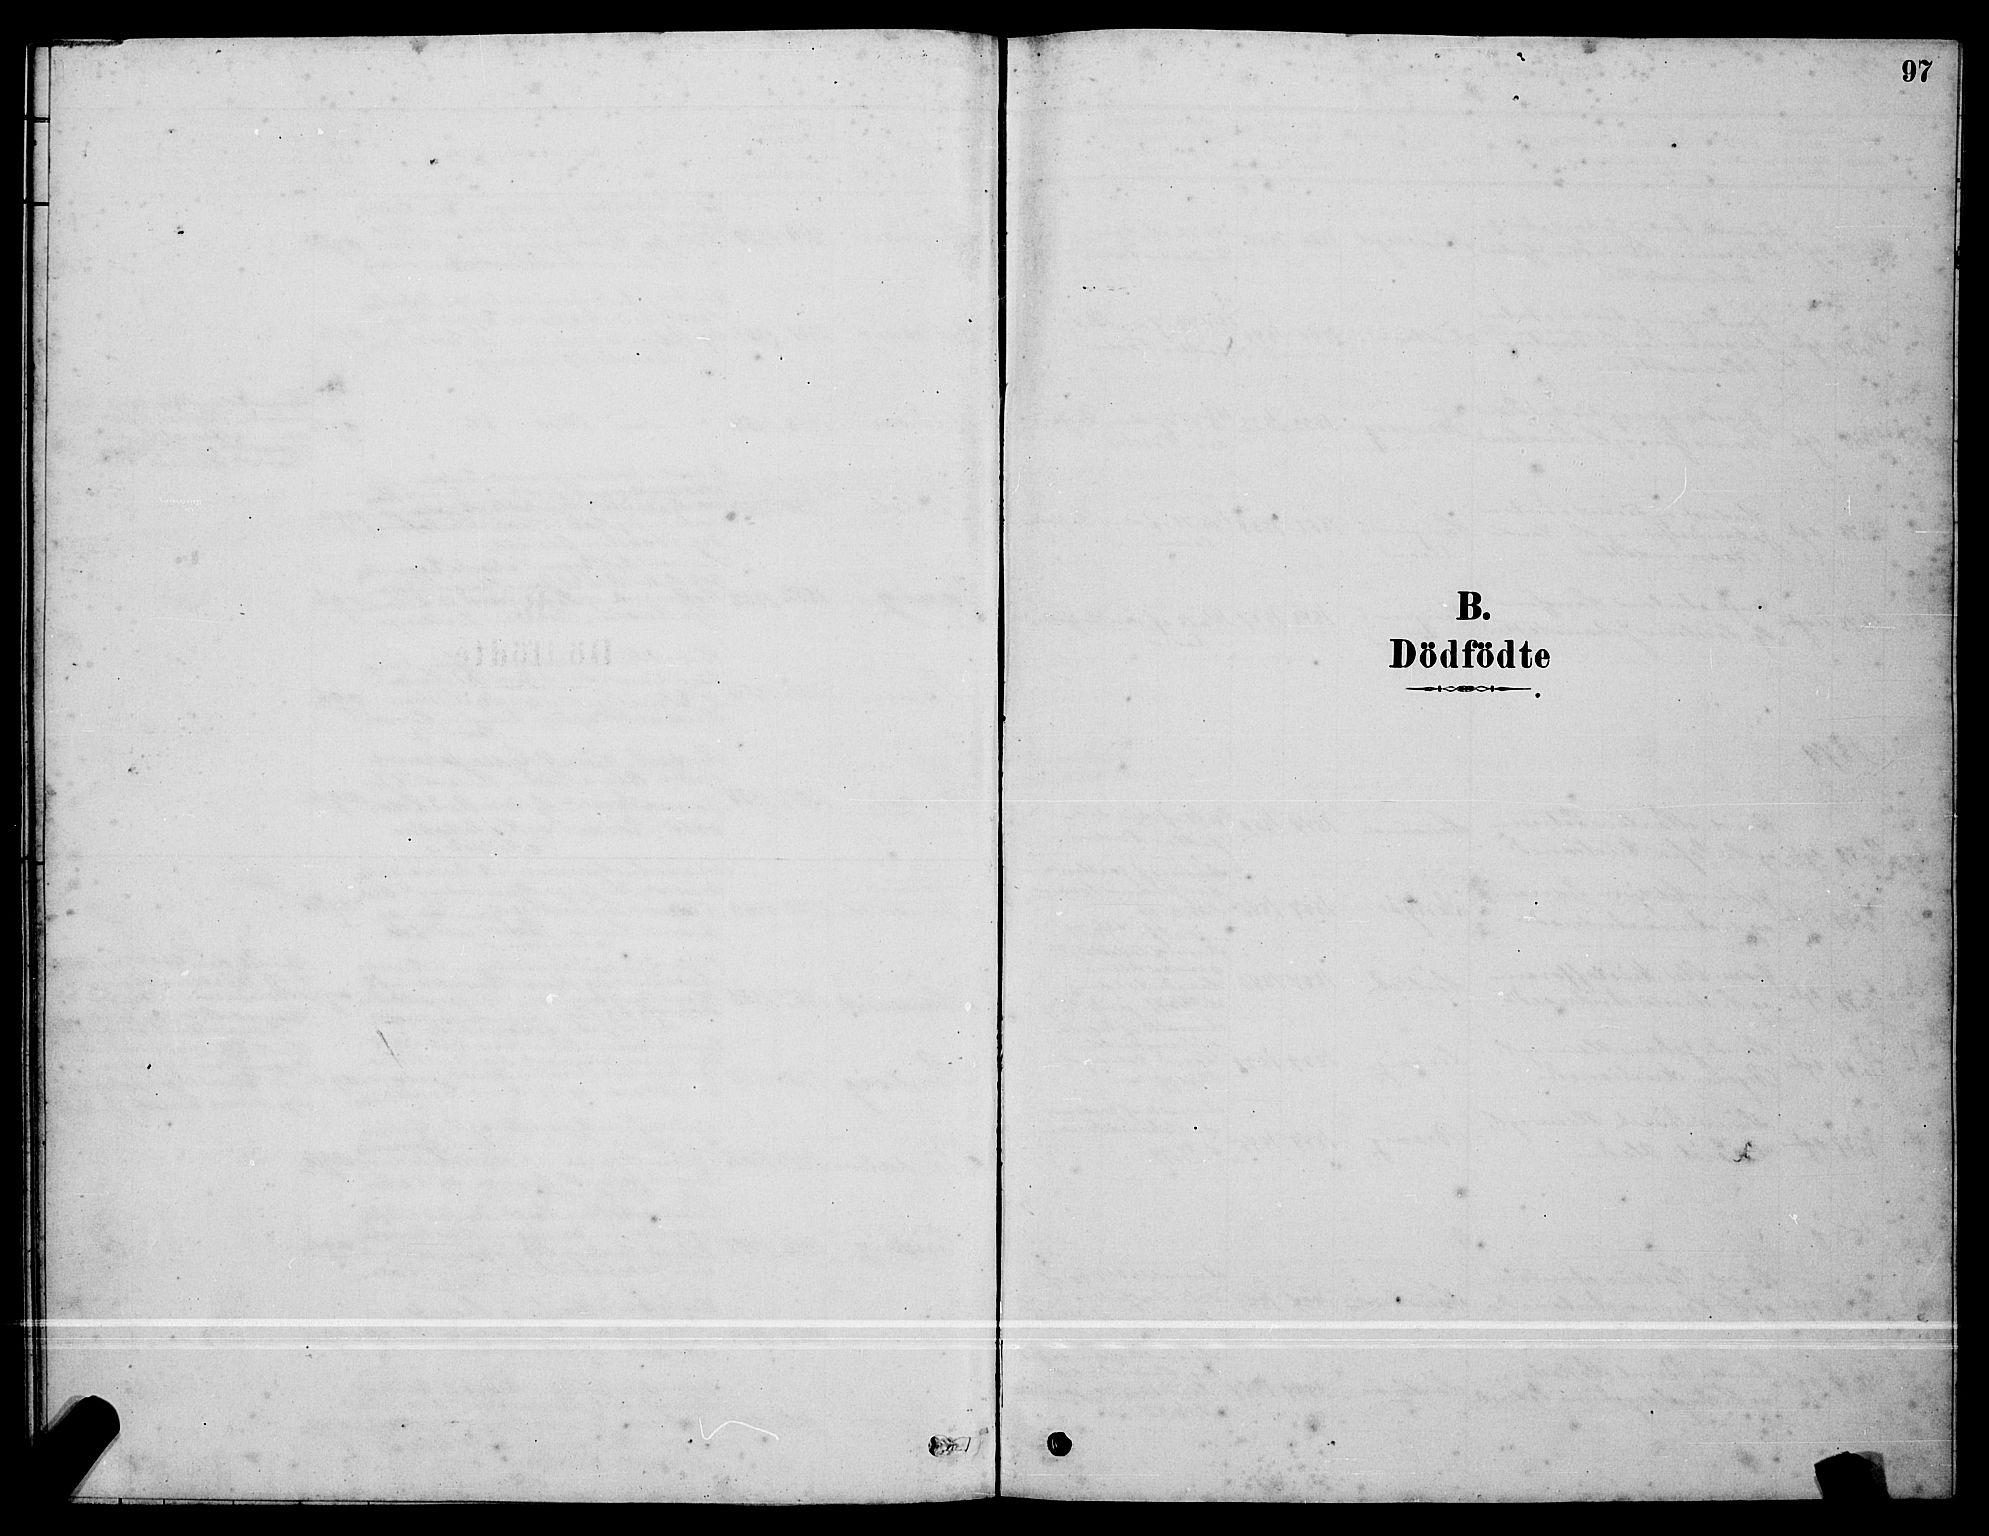 SAT, Ministerialprotokoller, klokkerbøker og fødselsregistre - Sør-Trøndelag, 640/L0585: Klokkerbok nr. 640C03, 1878-1891, s. 97